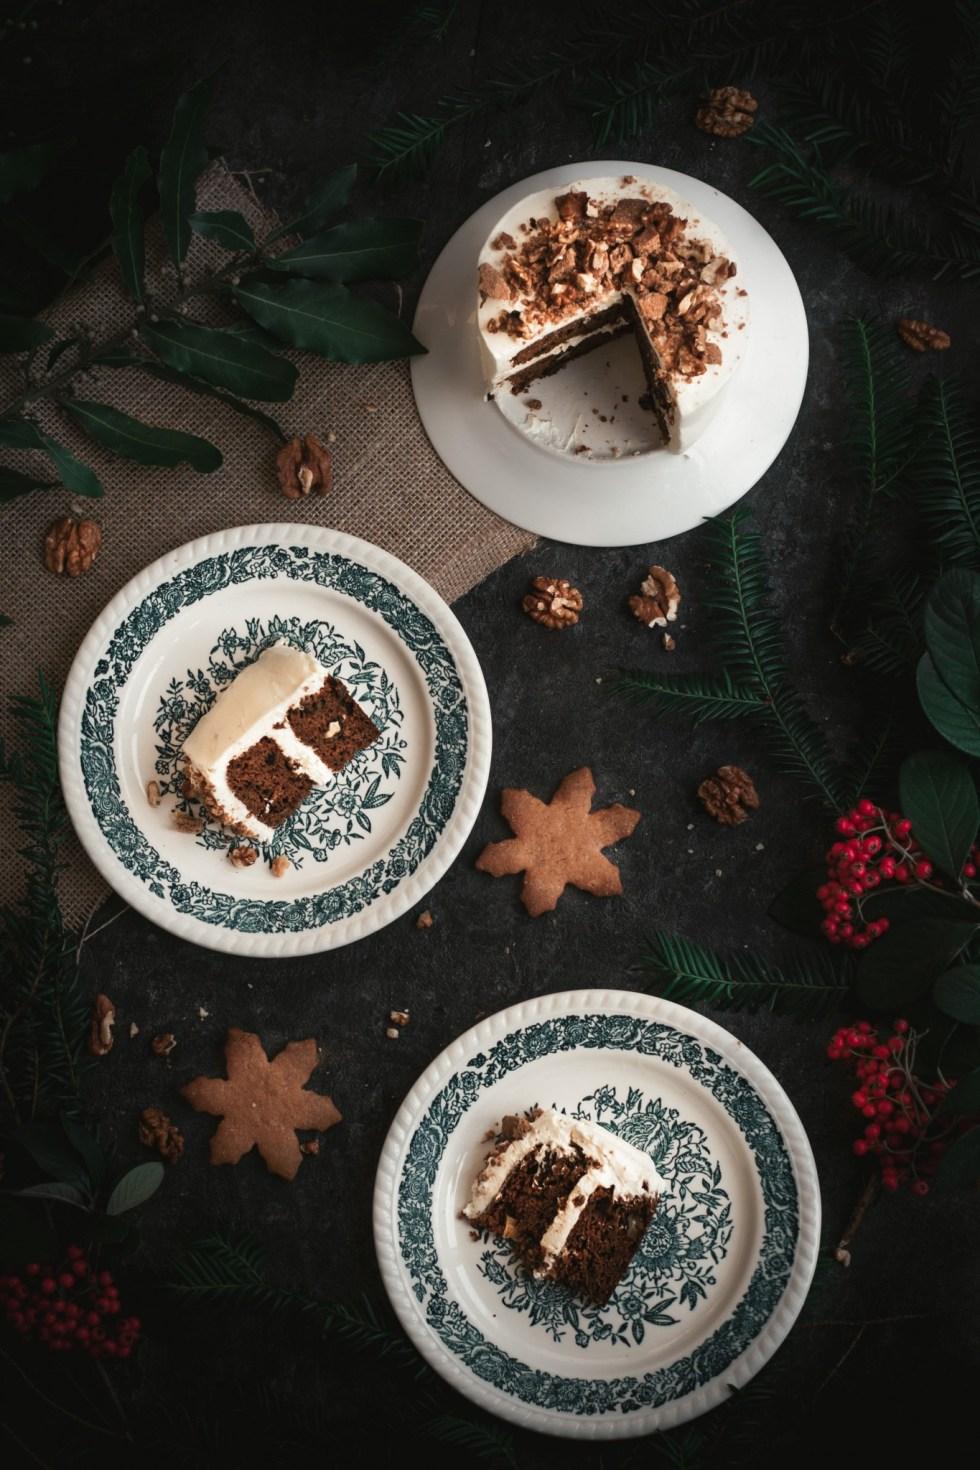 Carrot cake de Noël {sans gluten, IG modéré, végétarien}